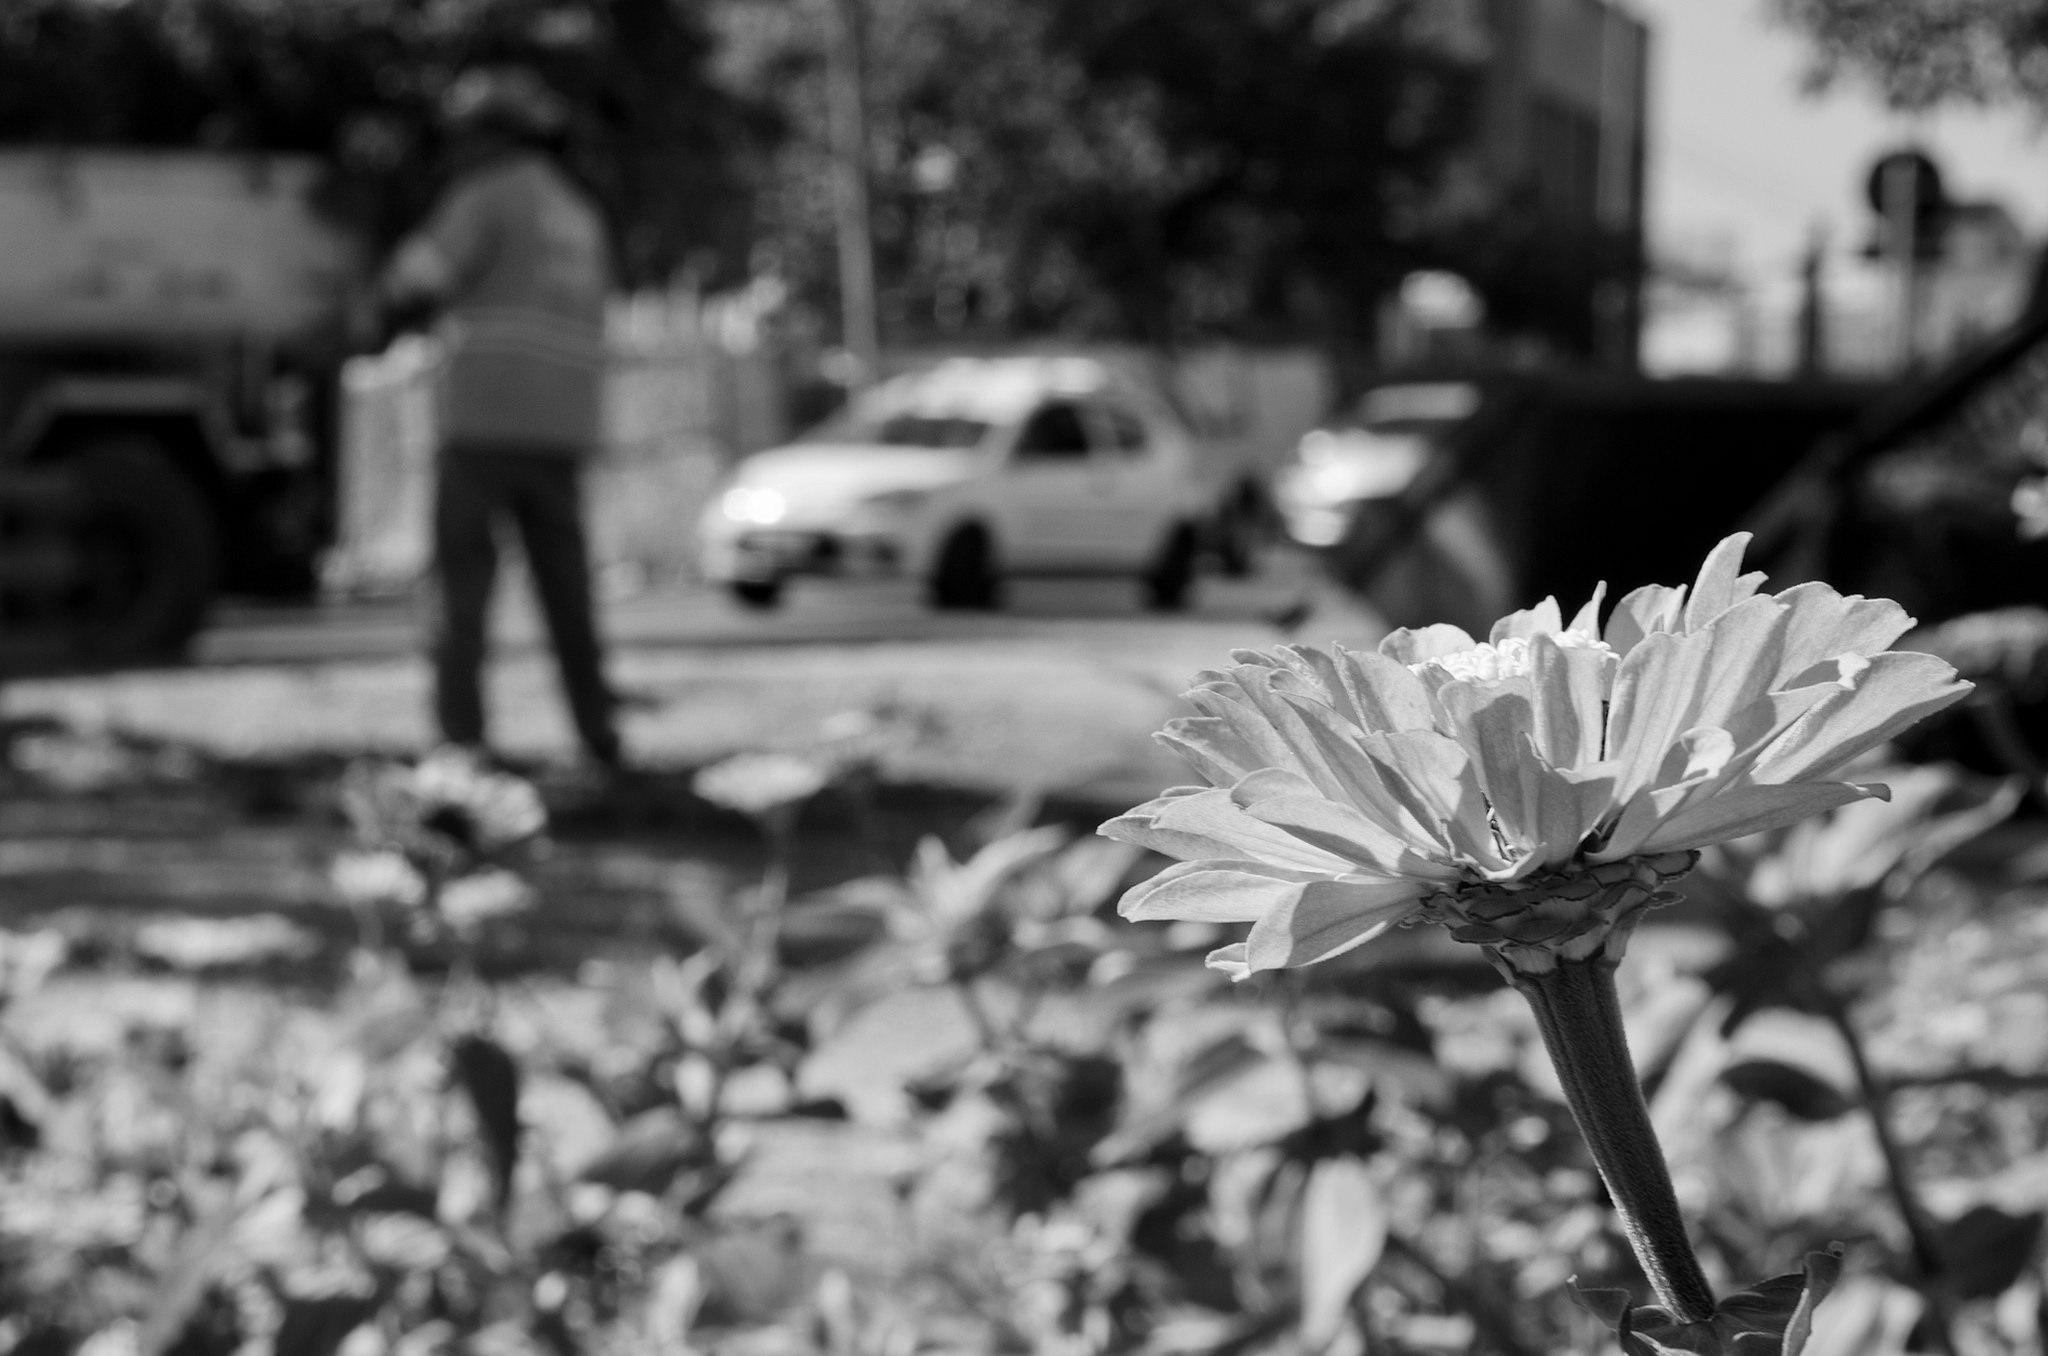 Servidores da Comurg lançam livro com fotografias do cotidiano de Goiânia